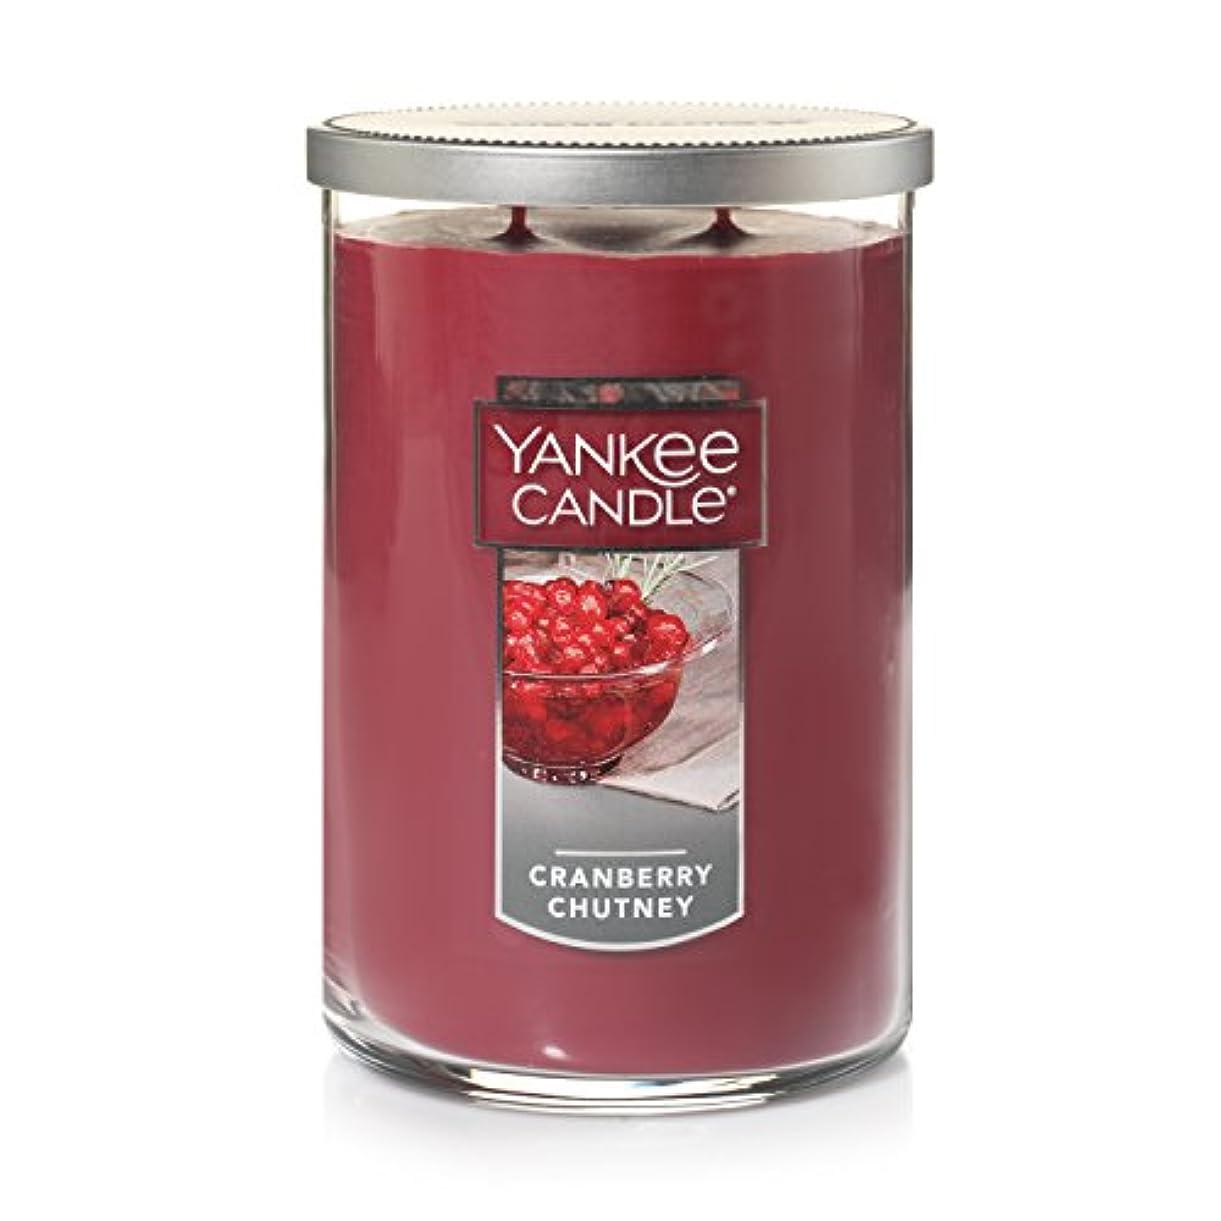 バン高さ飼いならすYankee CandleクランベリーChutney、フルーツ香り Large 2-Wick Tumbler Candle オレンジ 1123208